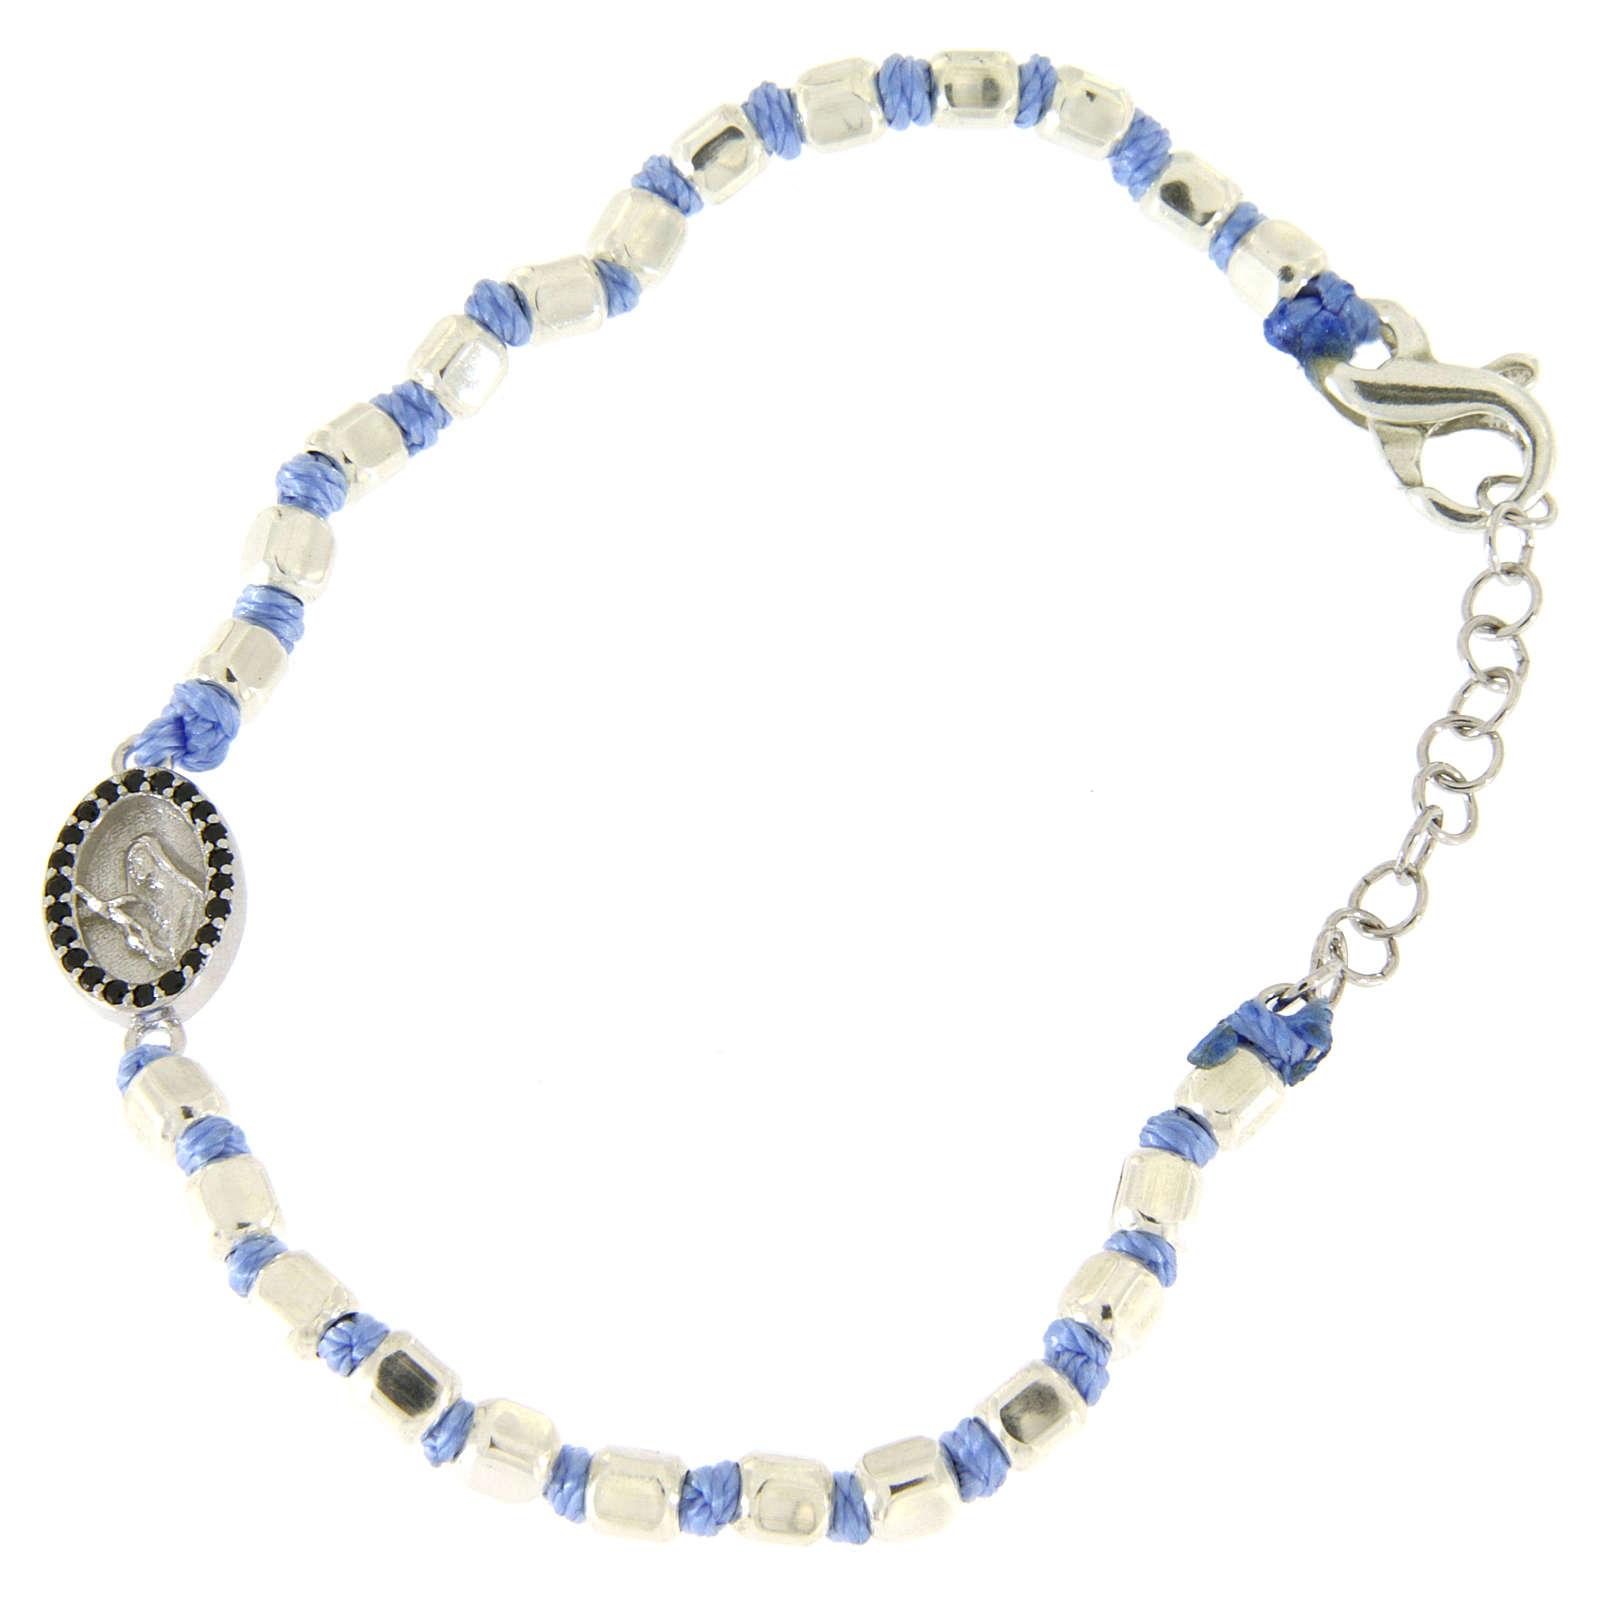 Bracciale sfere sfaccettate argento 2 mm, cordina con nodi azzurra, medaglietta S. Rita zirconi neri 4